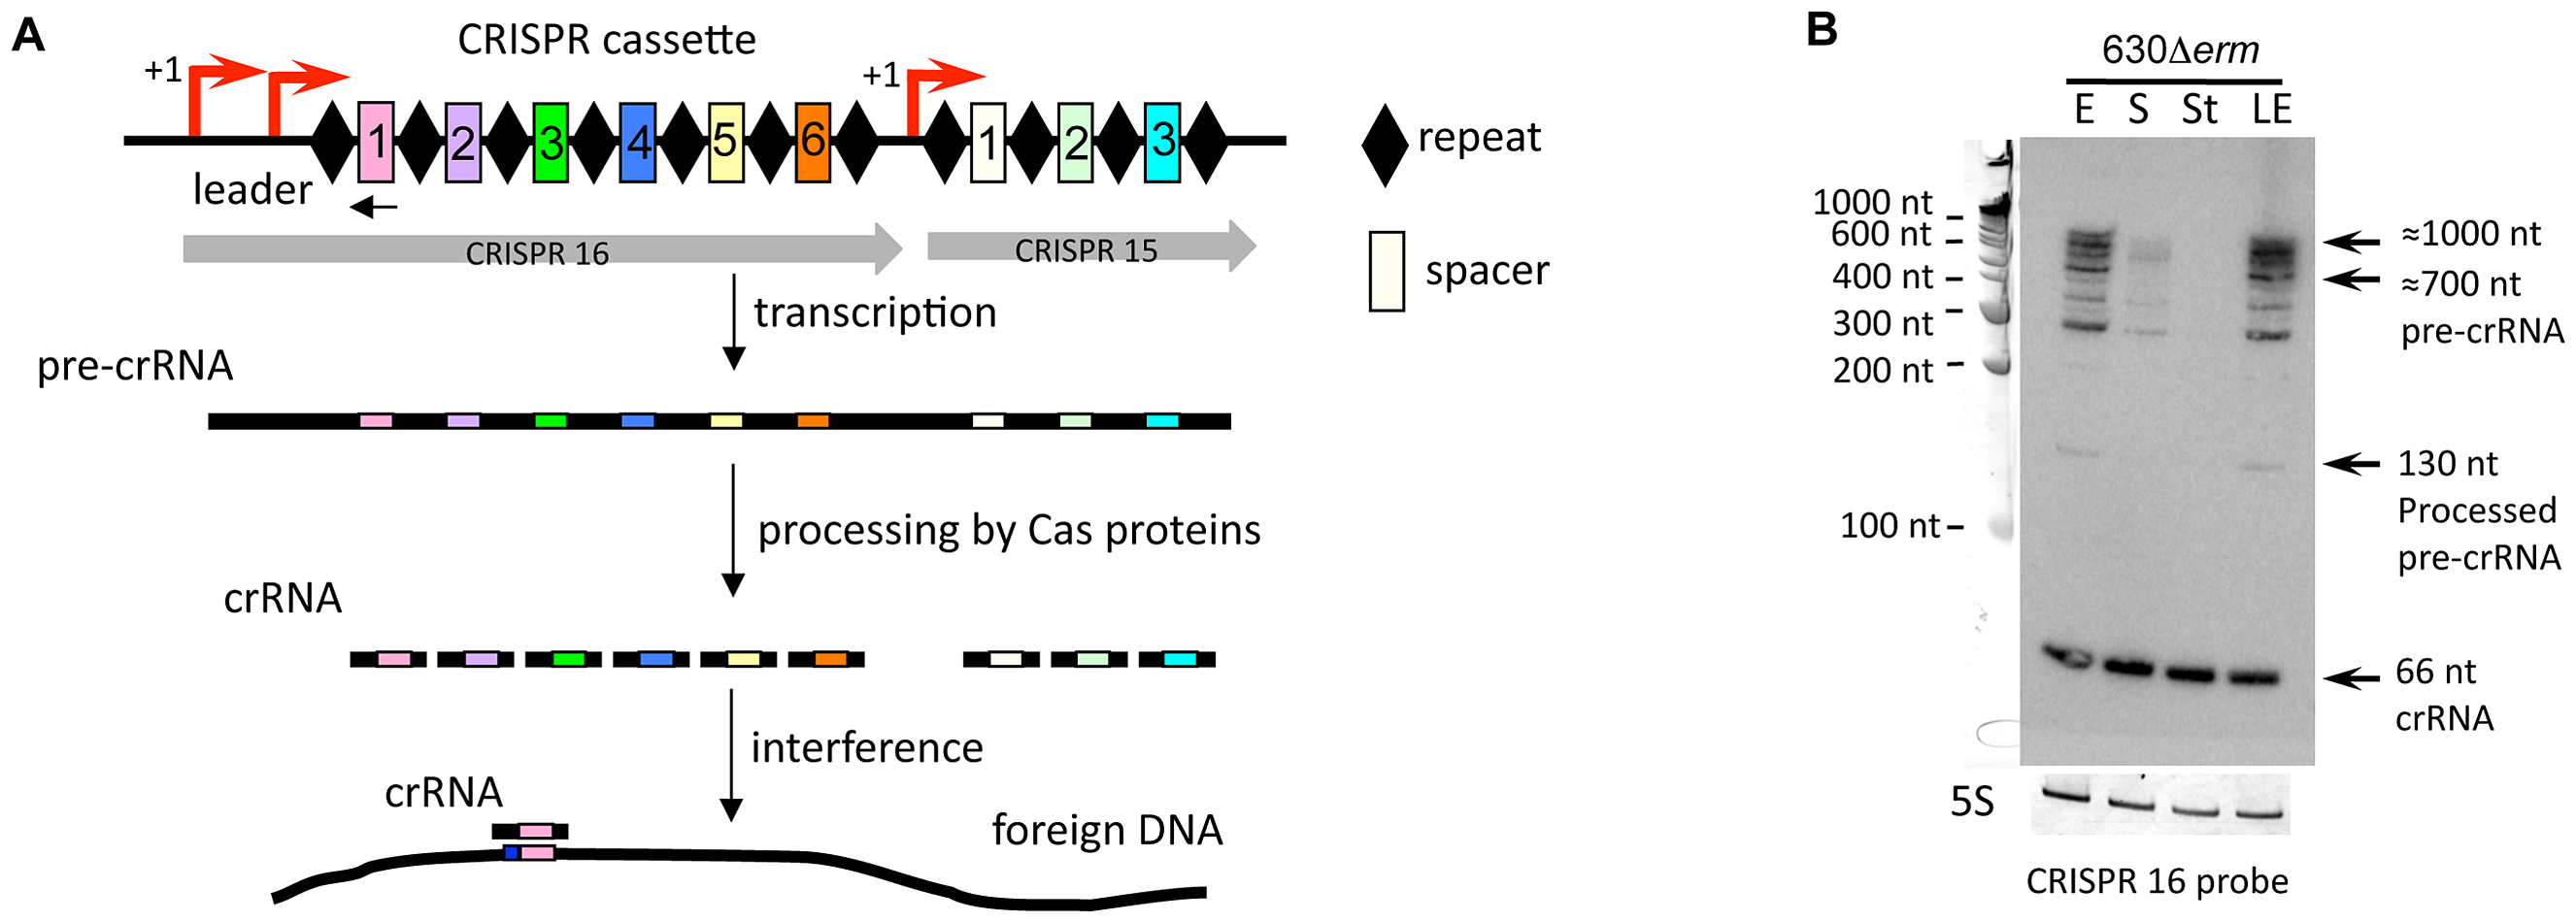 Expression of CRISPR 16 cassette.